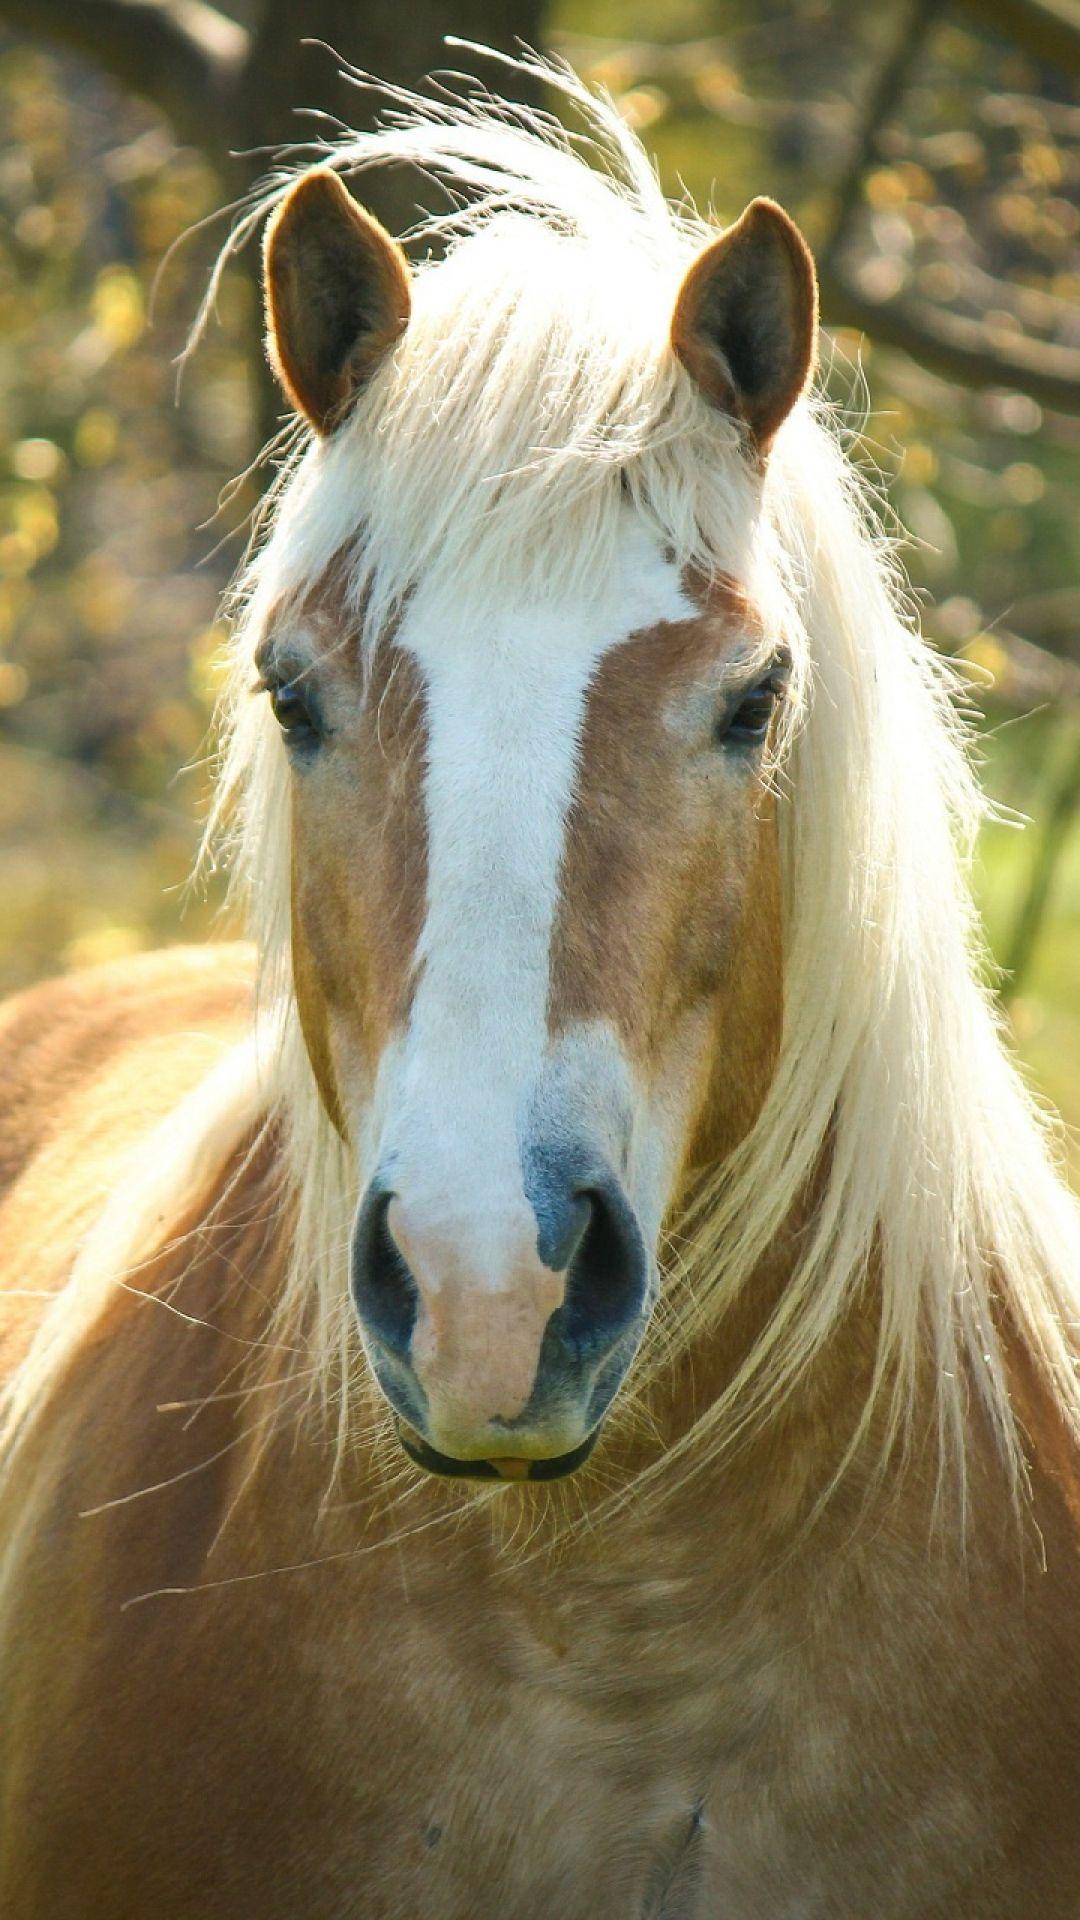 horse, muzzle, mane, forelock